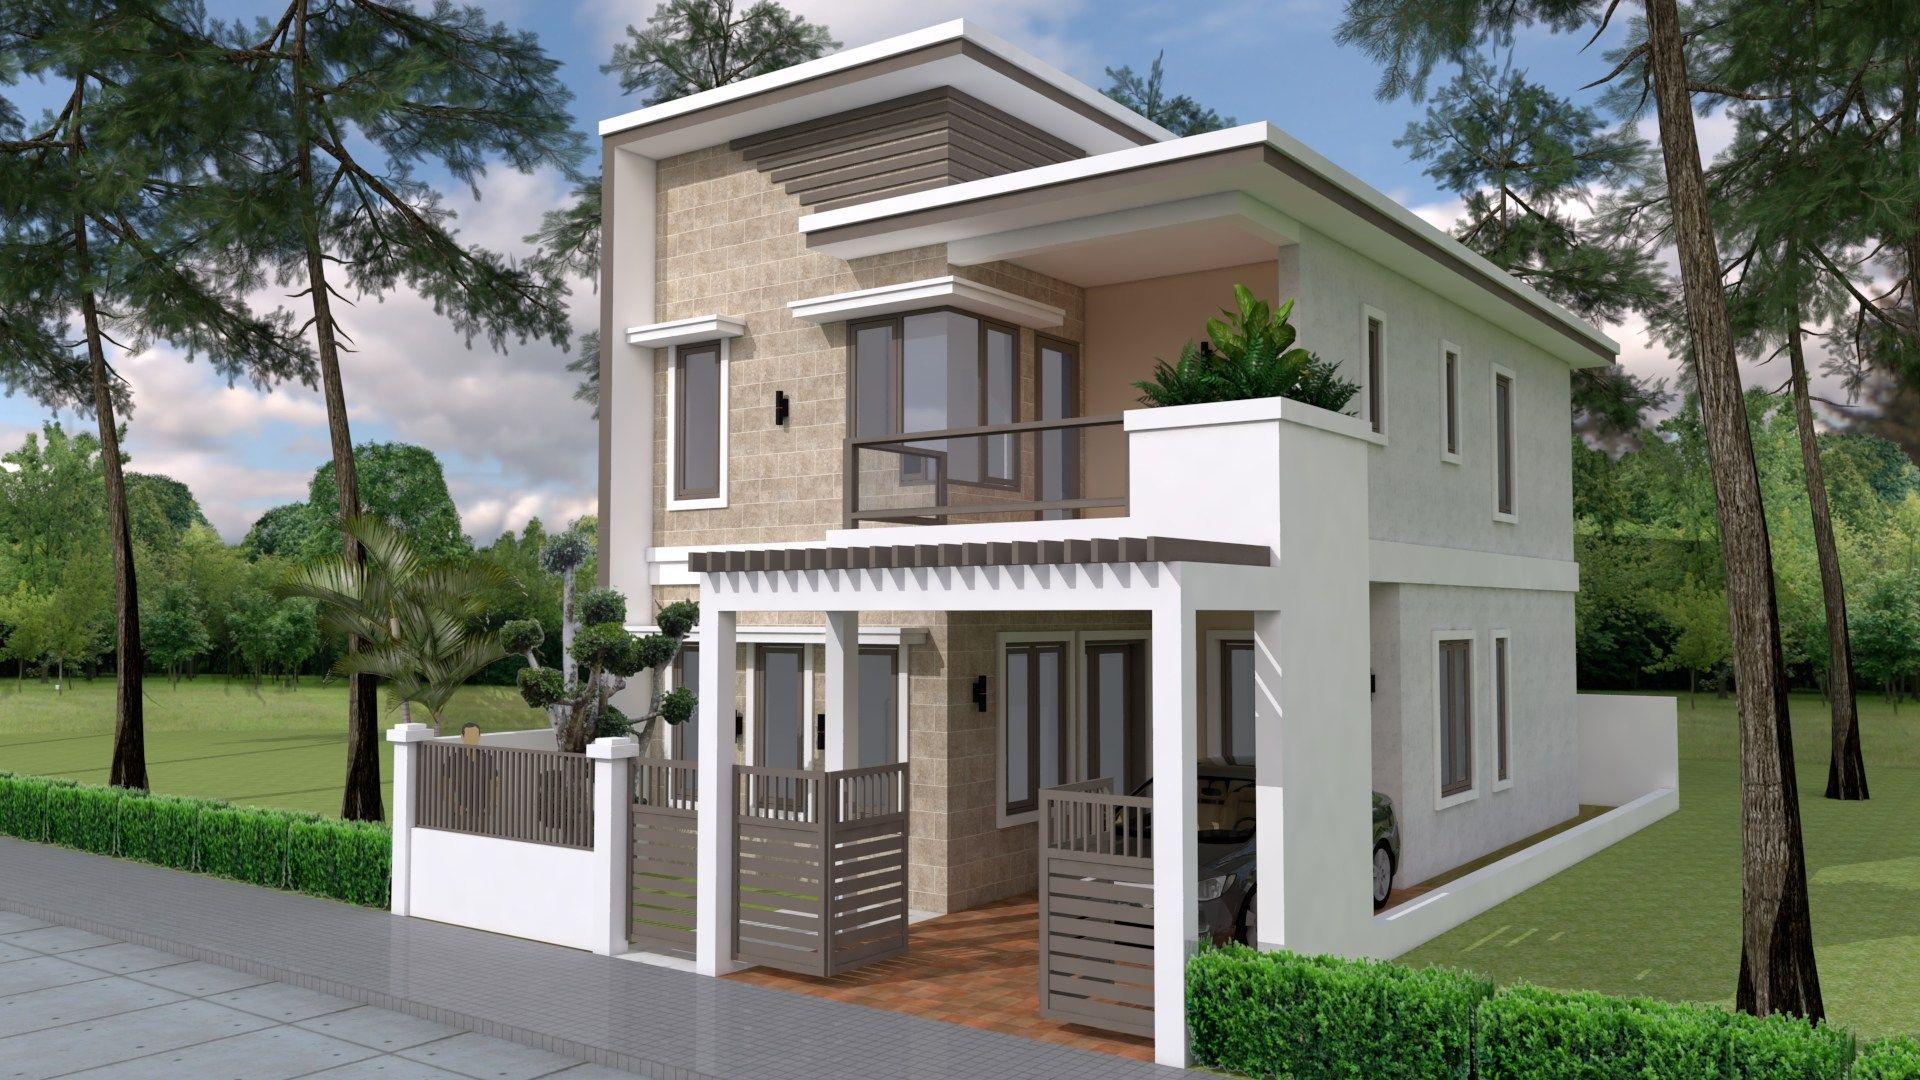 House Plans 7x12m With 4 Bedrooms Plot 8x15 Planos De Casas